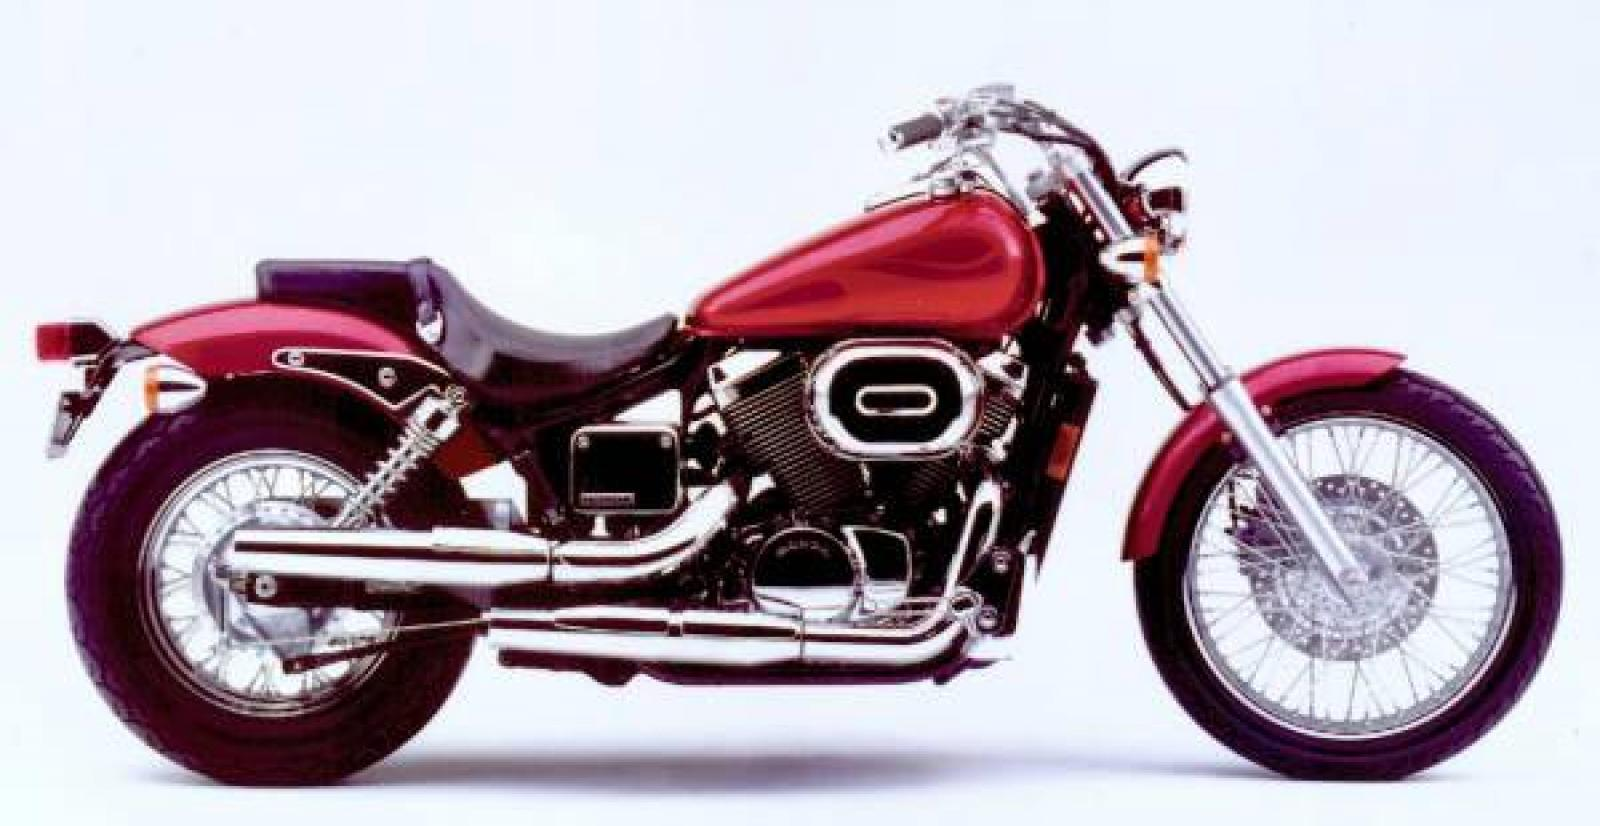 hight resolution of  honda vt750cd shadow ace deluxe 2002 1 2002 honda vt750cd shadow a c e deluxe moto zombdrive com